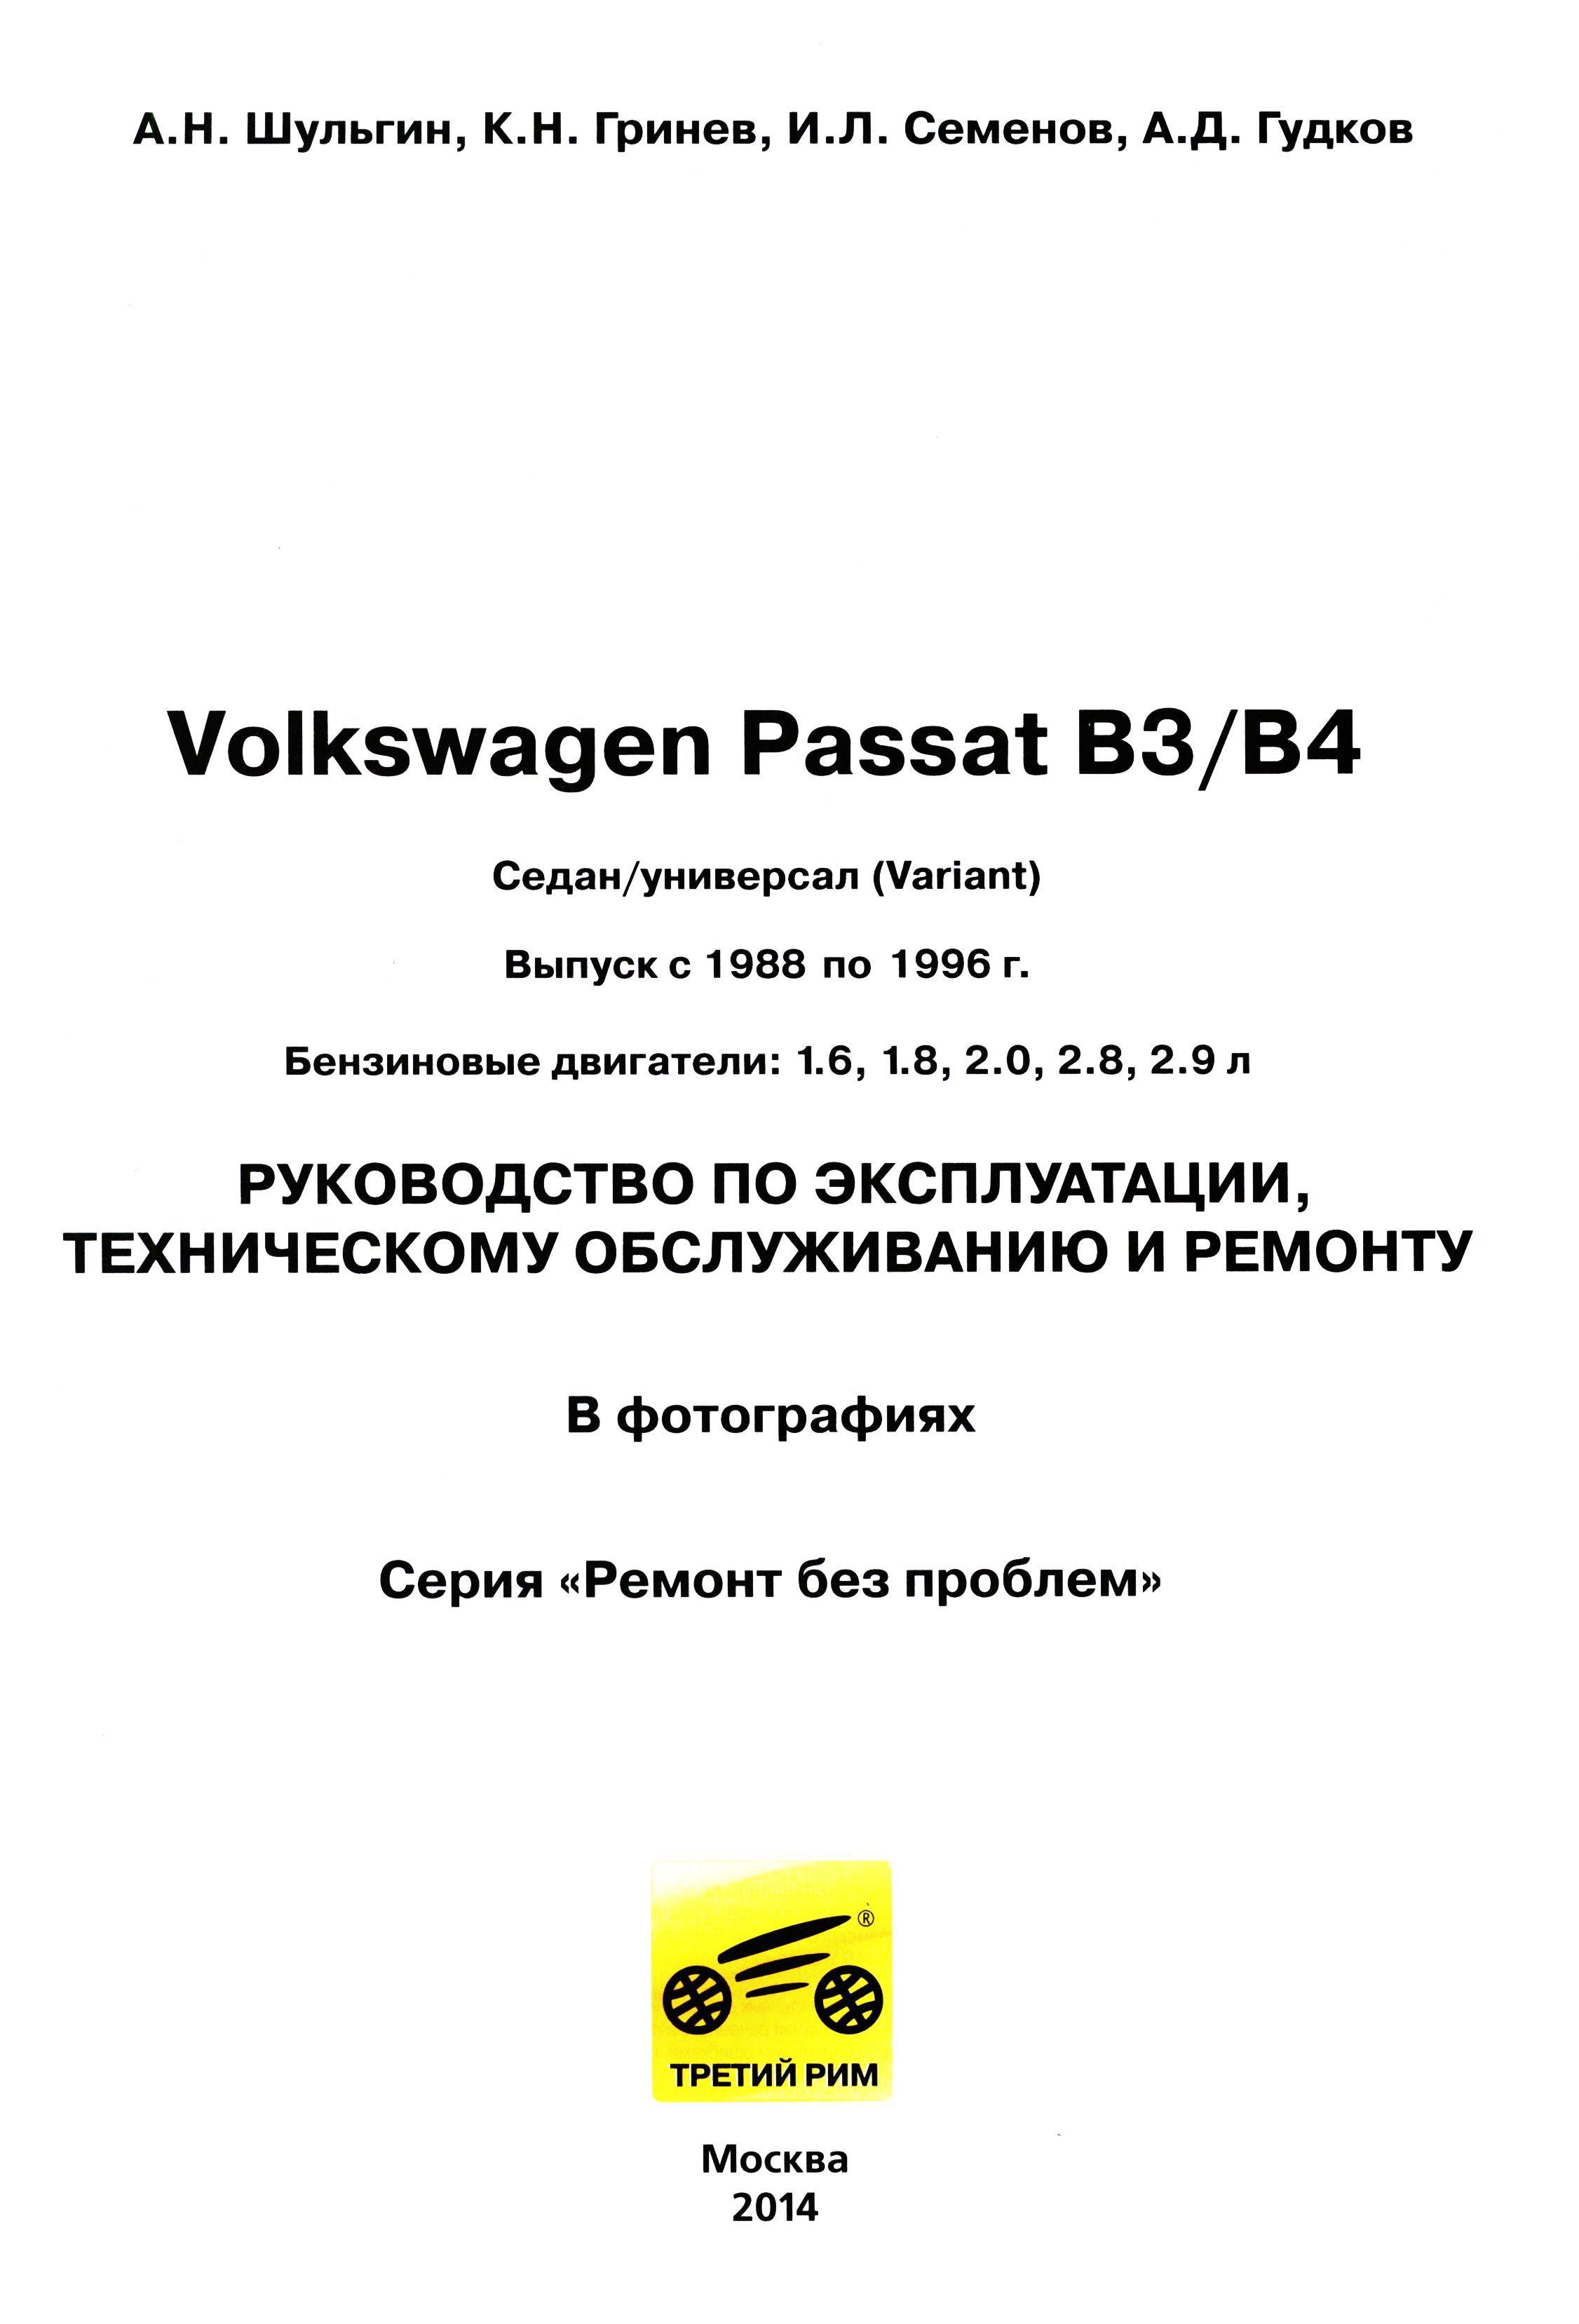 инструкция фольксваген пассат б3 1988